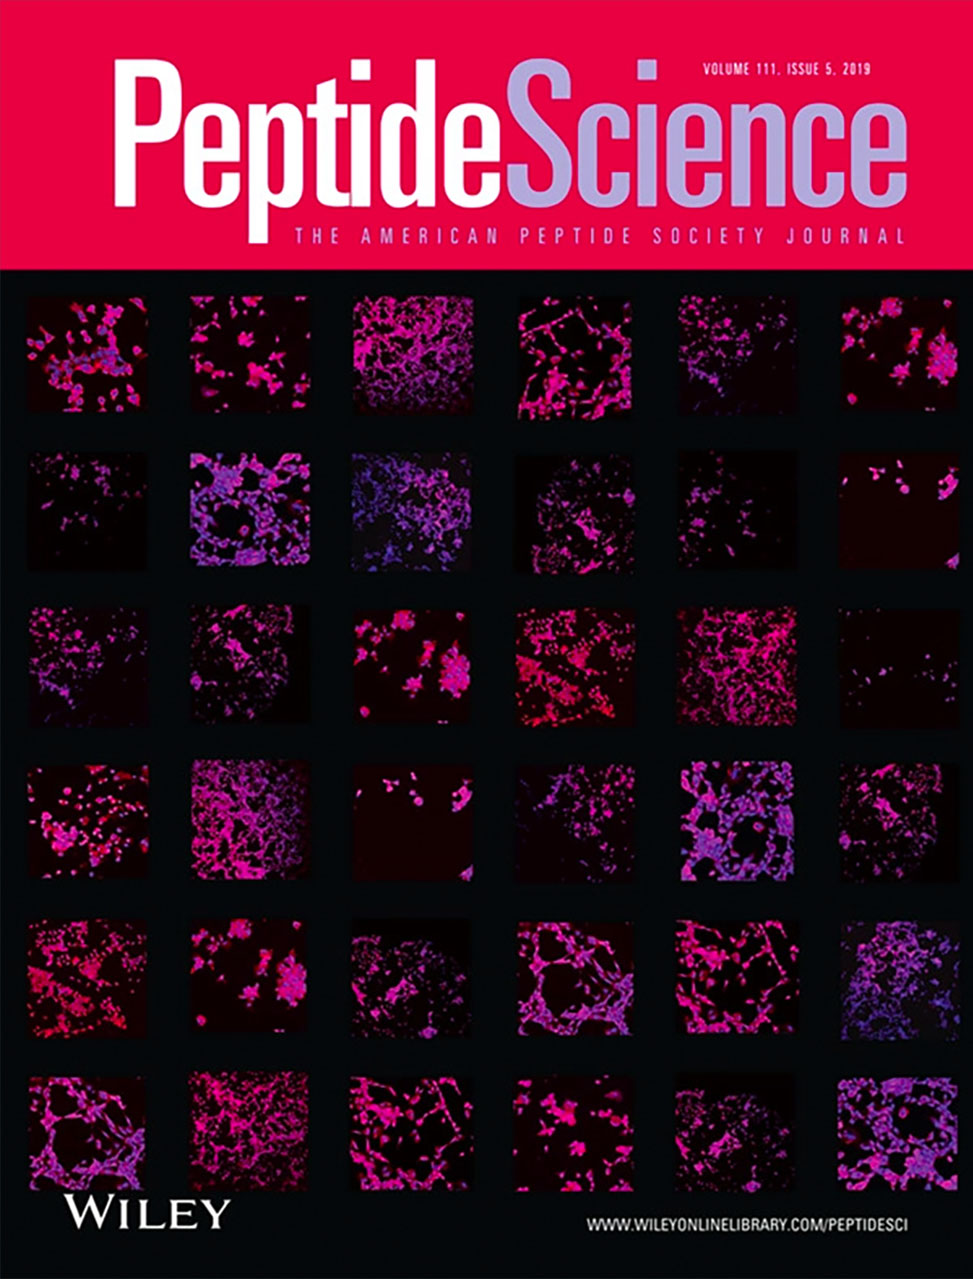 Volume 111, Issue 5, September 2019